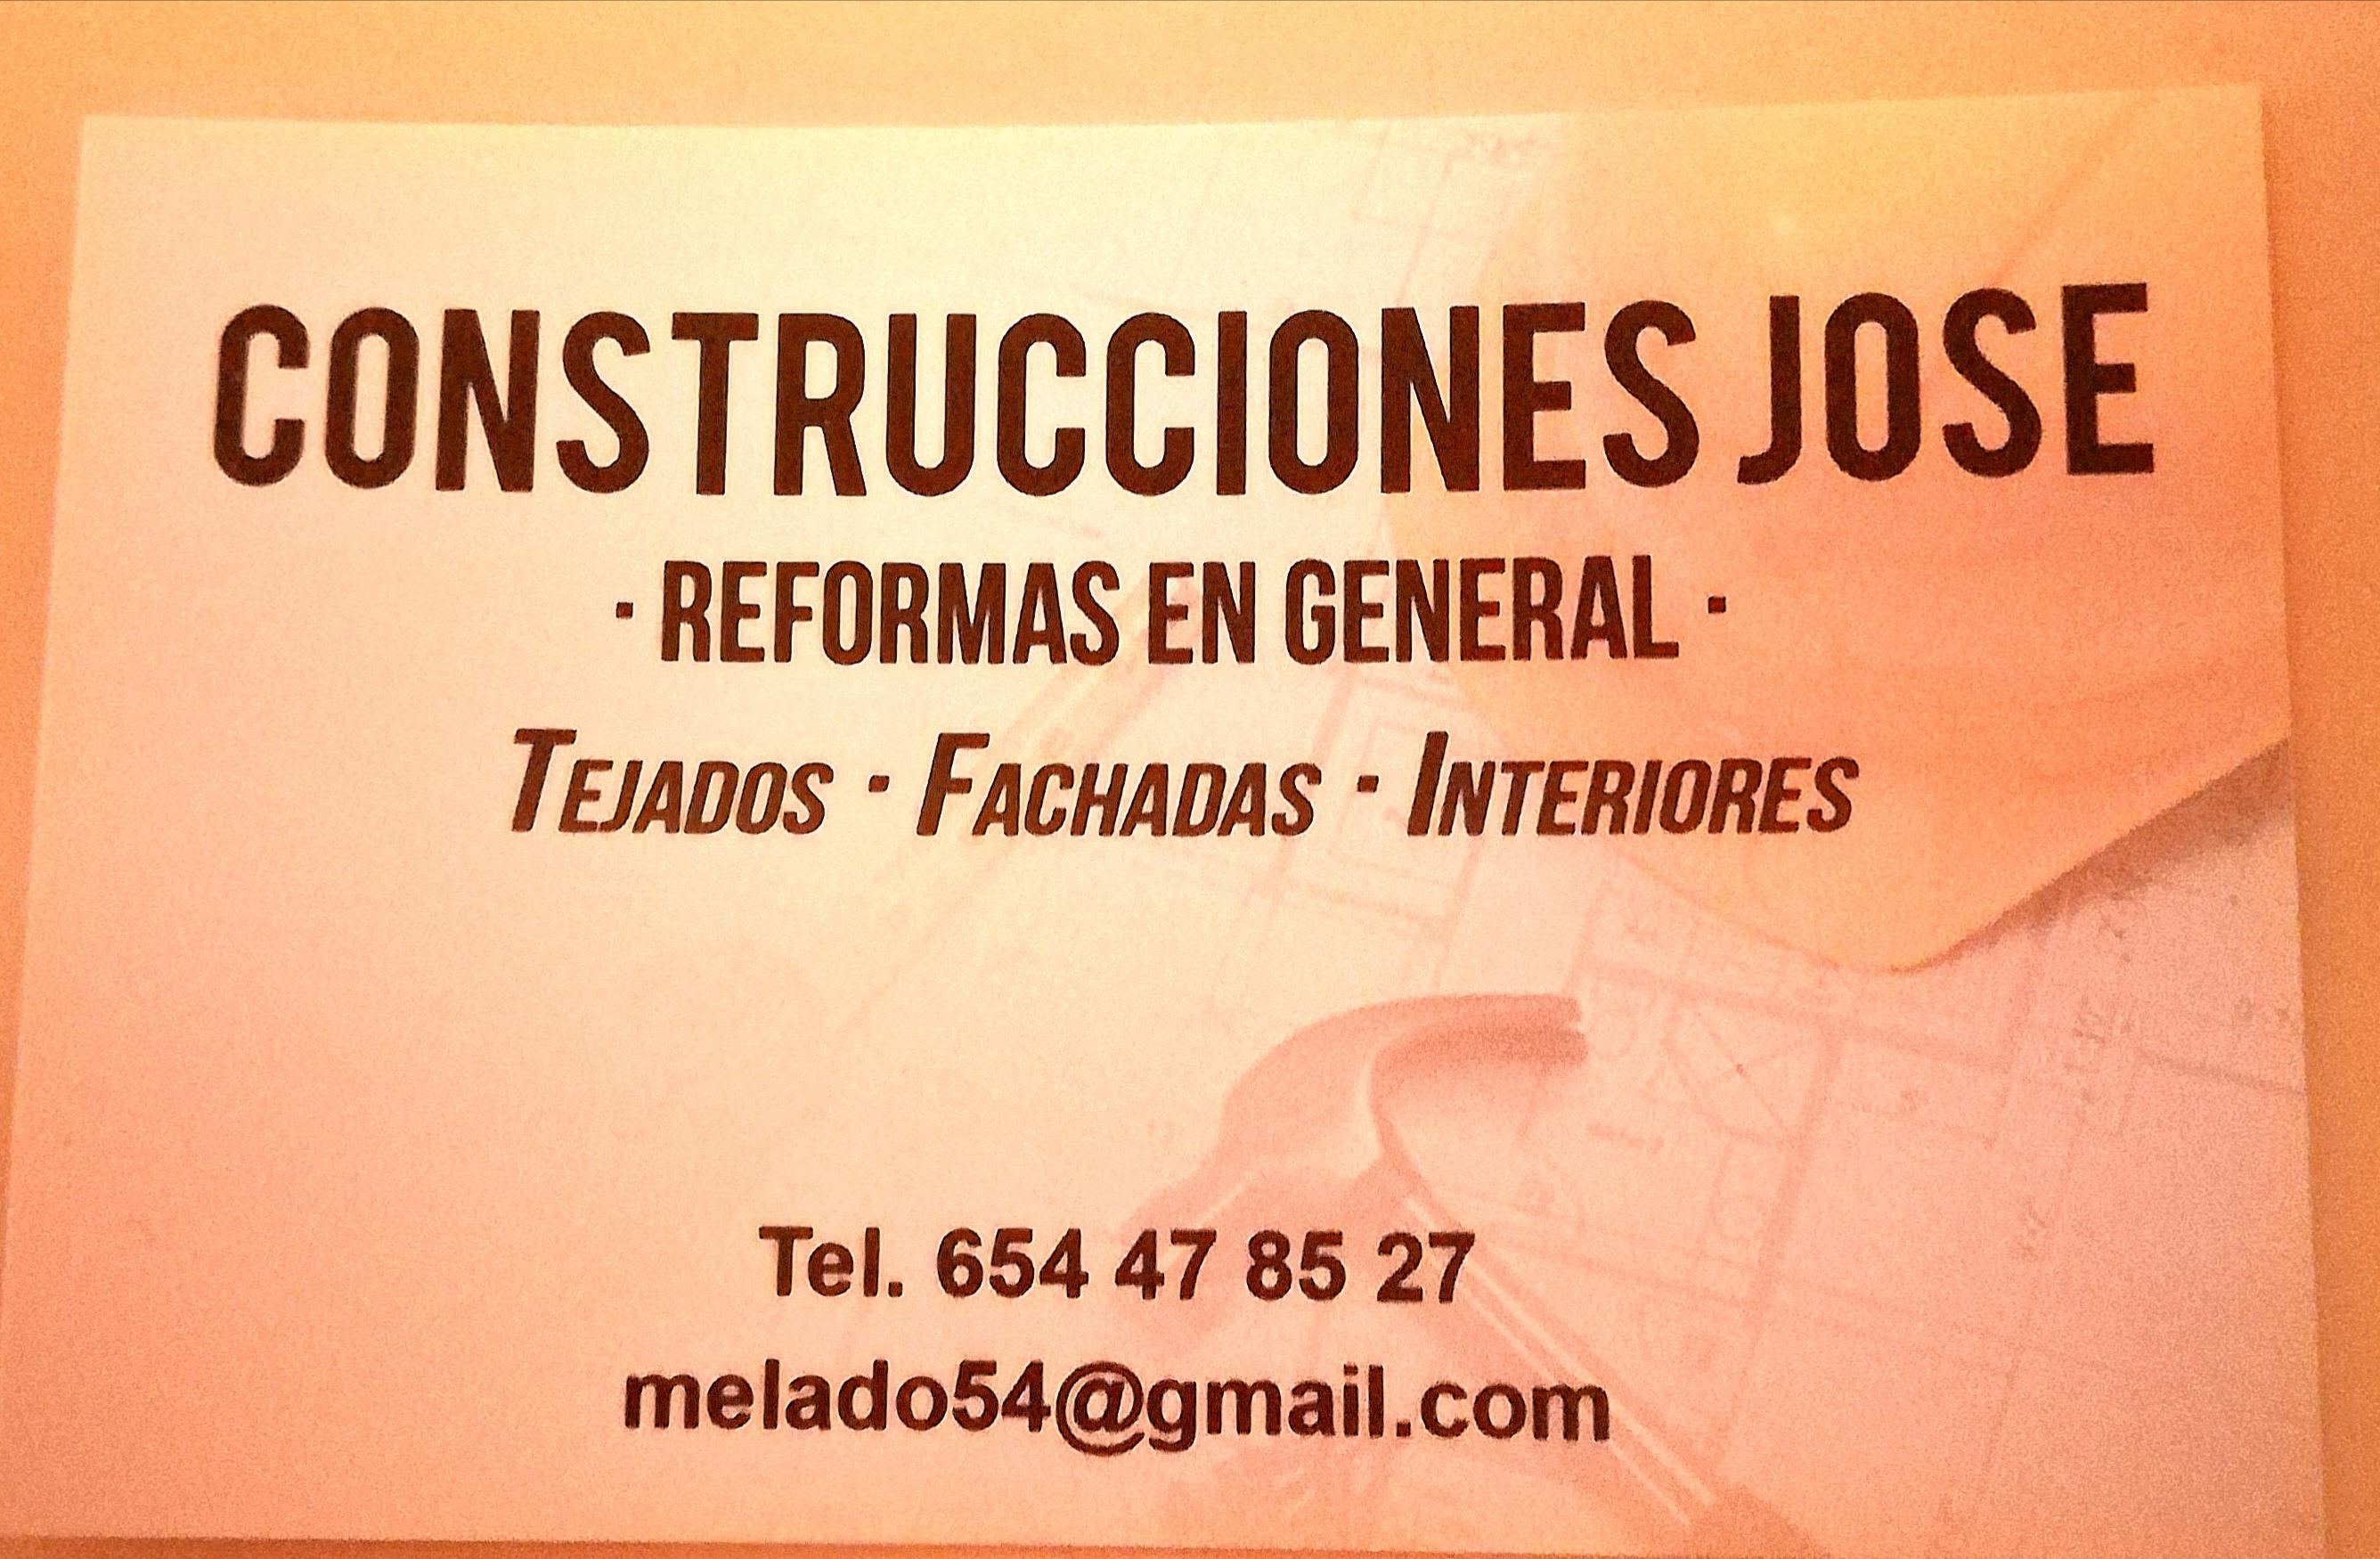 Construcciones Jose